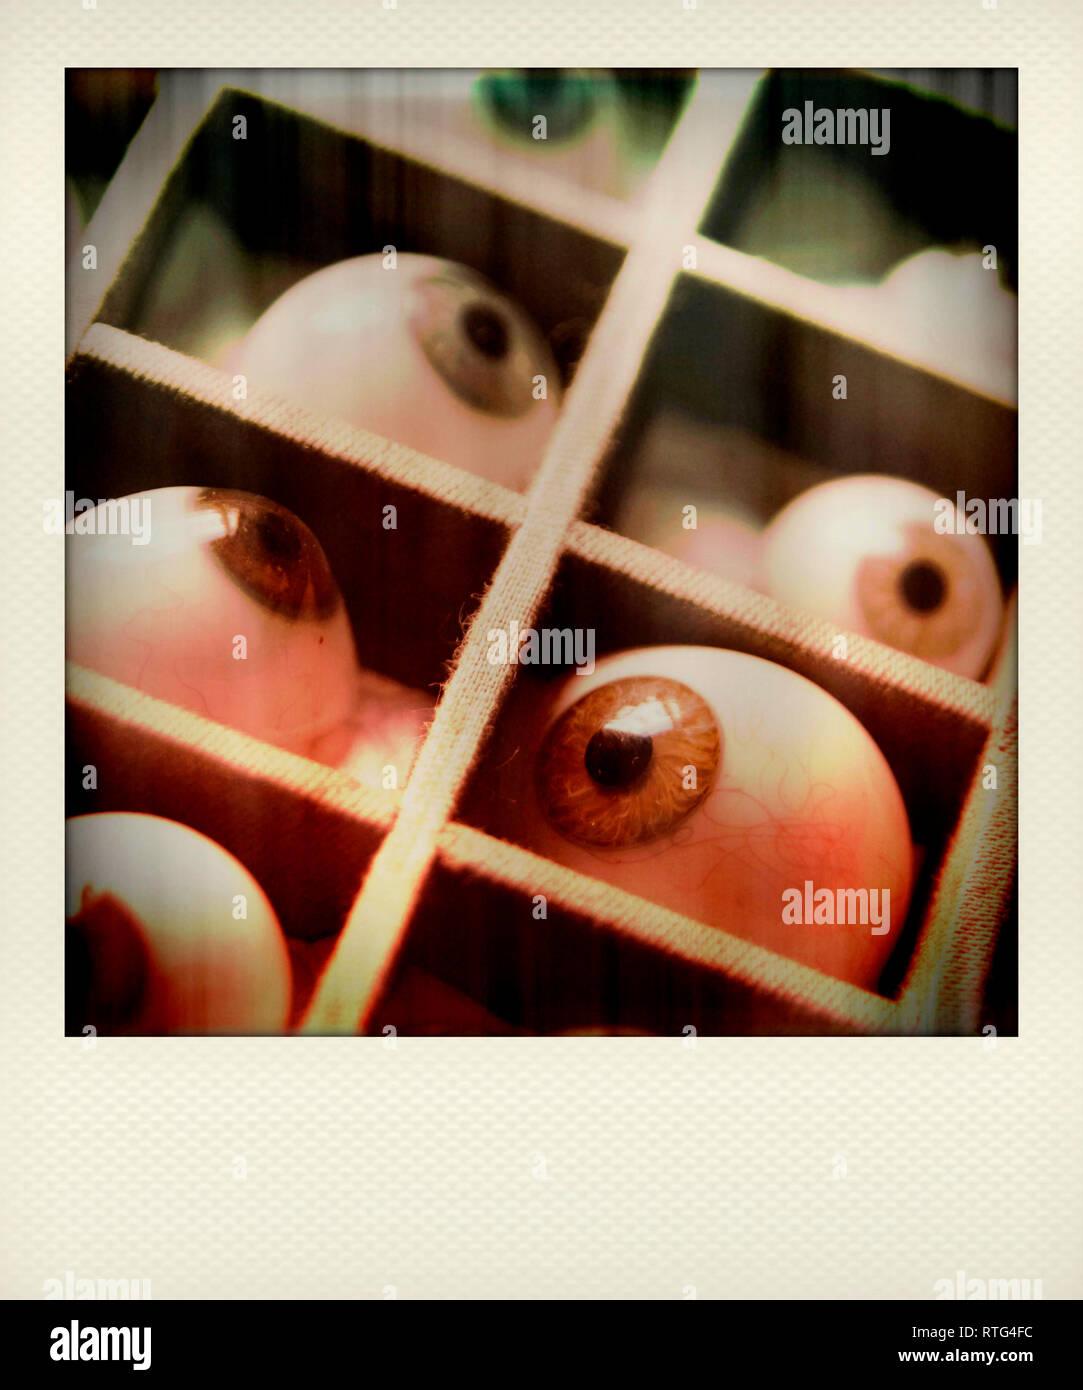 Ojos falsos en cajas Imagen De Stock